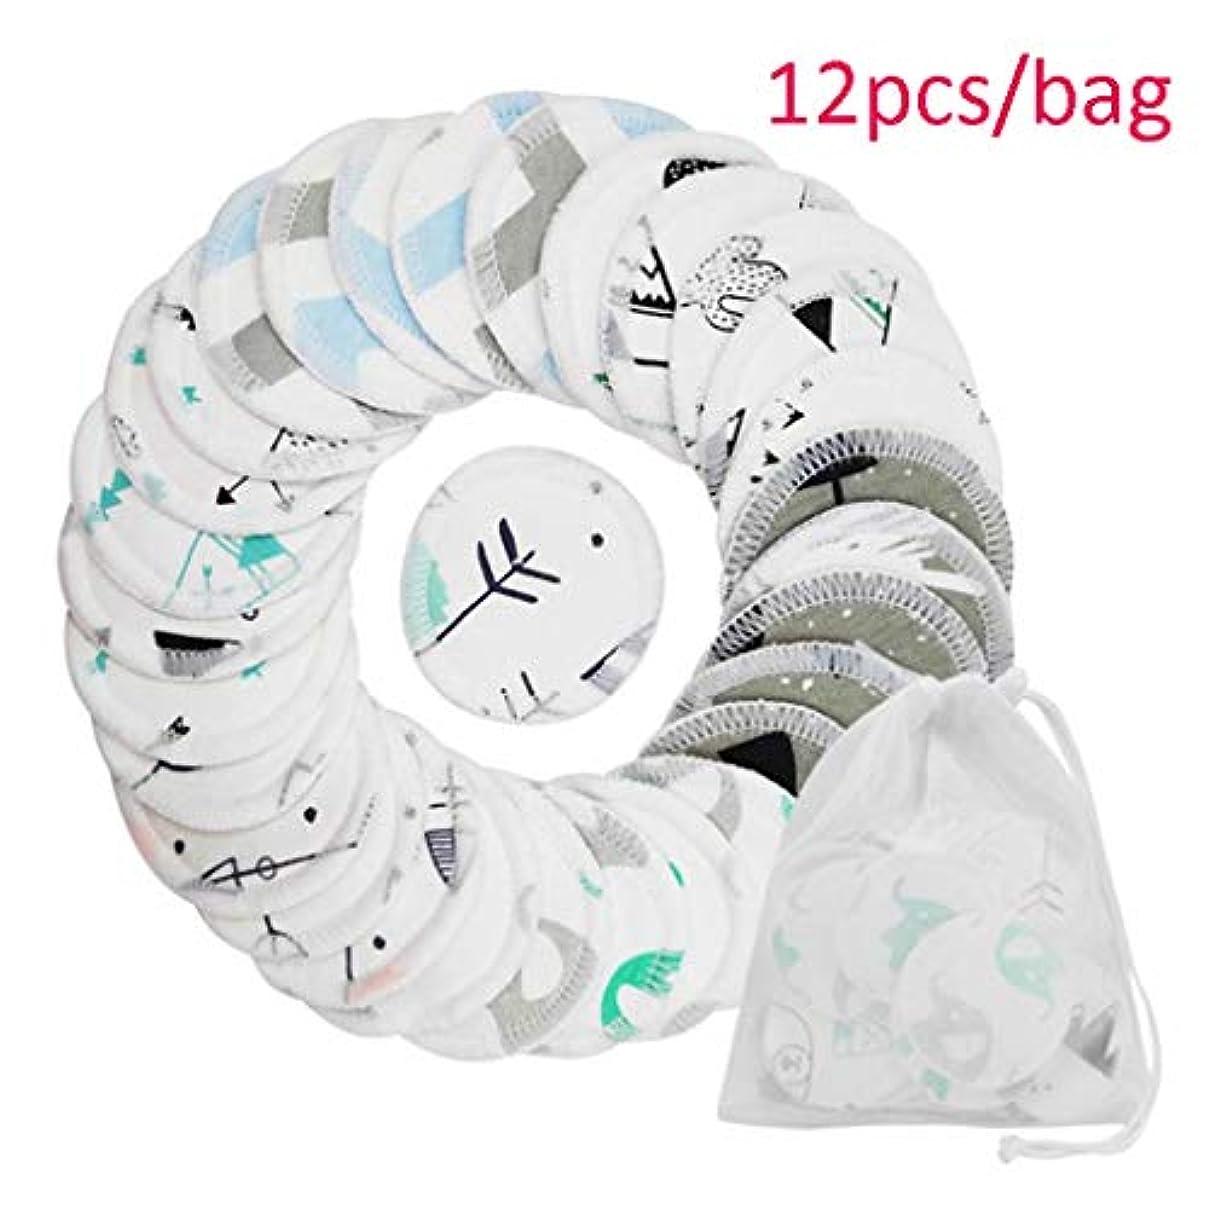 項目促進する依存クレンジングシート 再利用可能な洗濯布パッド3層洗える綿ソフトメイクアップリムーバー布用女性の女の子化粧道具 (Color : White, サイズ : A(12pcs/bag))